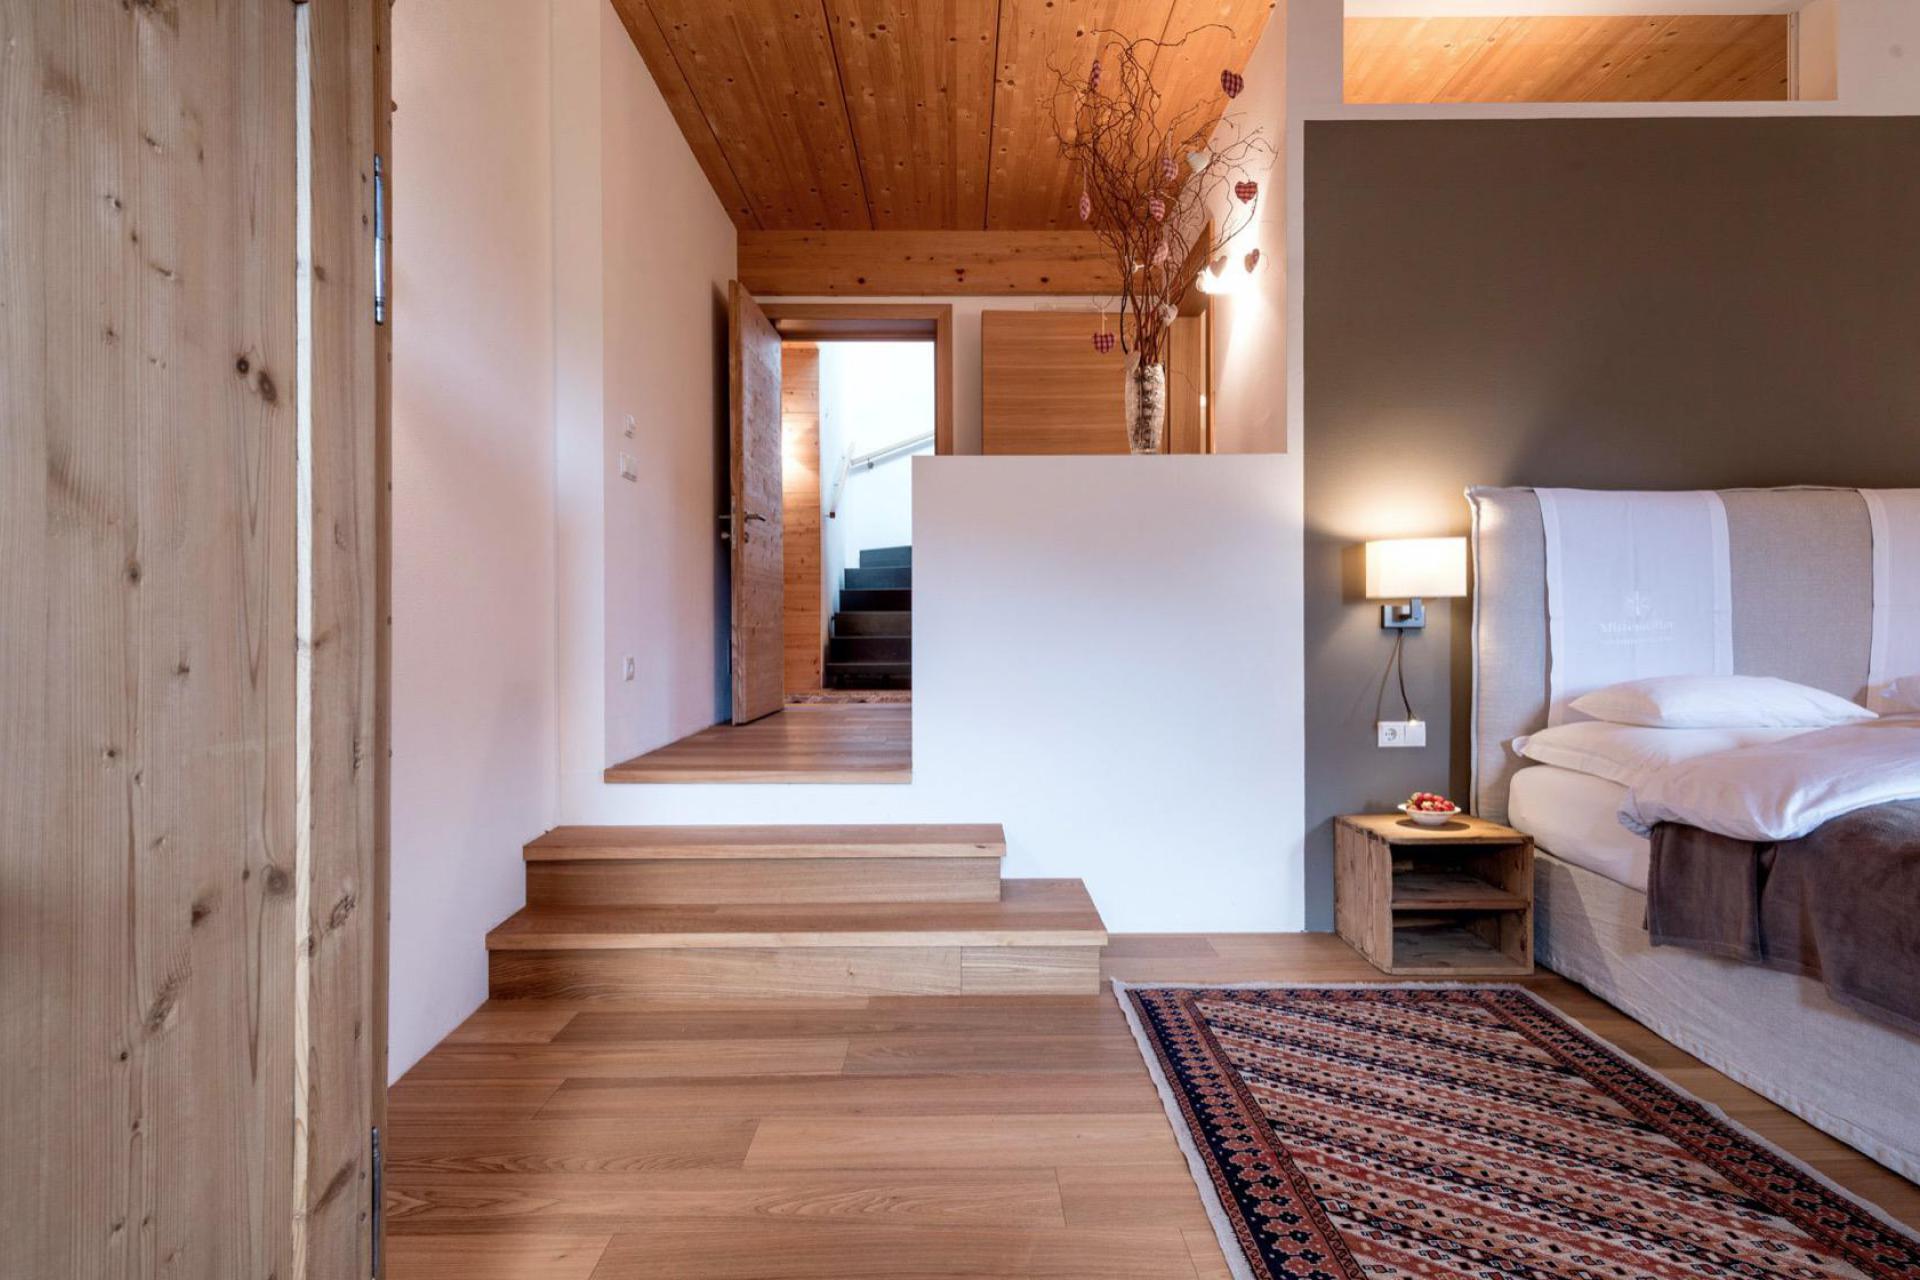 Agriturismo Dolomiti Agriturismo di lusso con camere B&B e Sudtiroler ospitalità